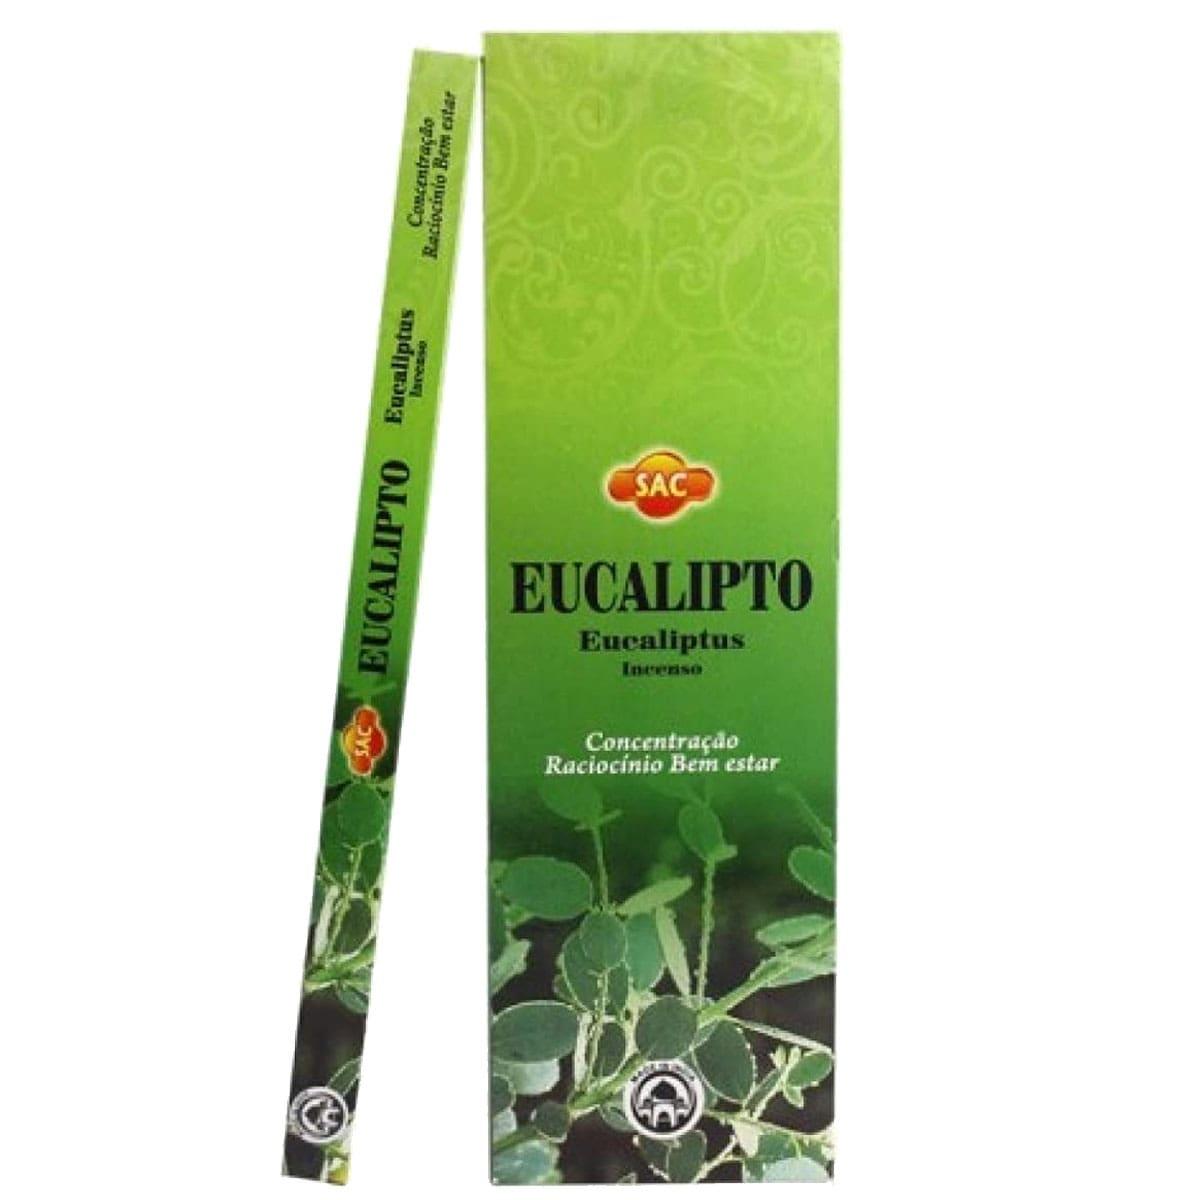 Incenso eucalipto SAC - central do incenso